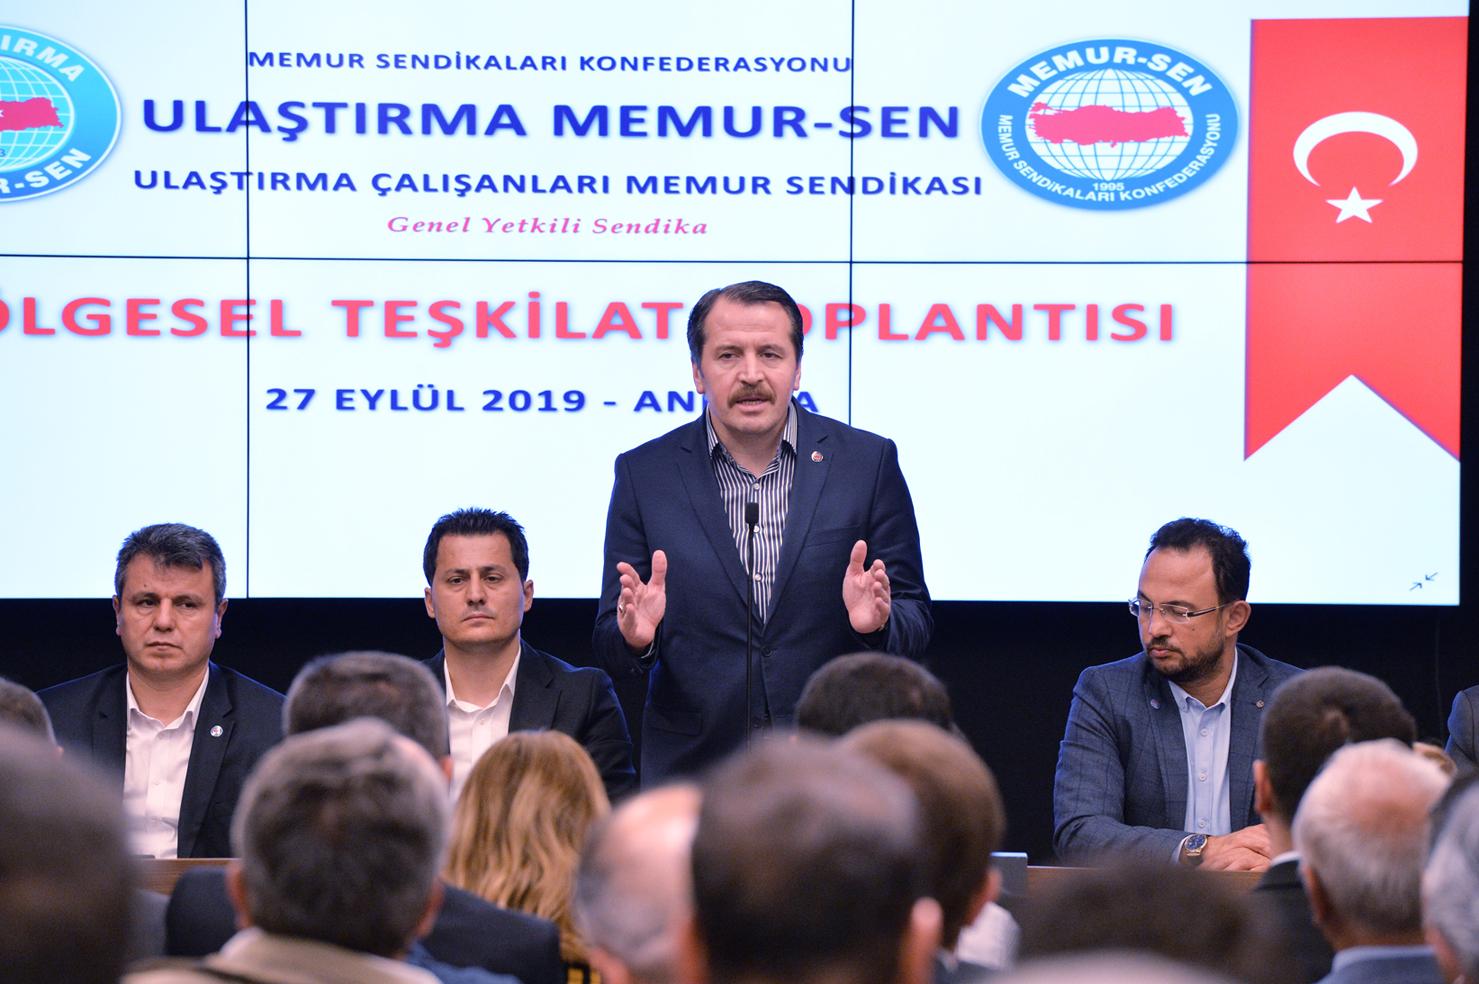 Yalçın, Ulaştırma Memur-Sen'in Ankara Bölgesel Teşkilat Toplantısına katıldı